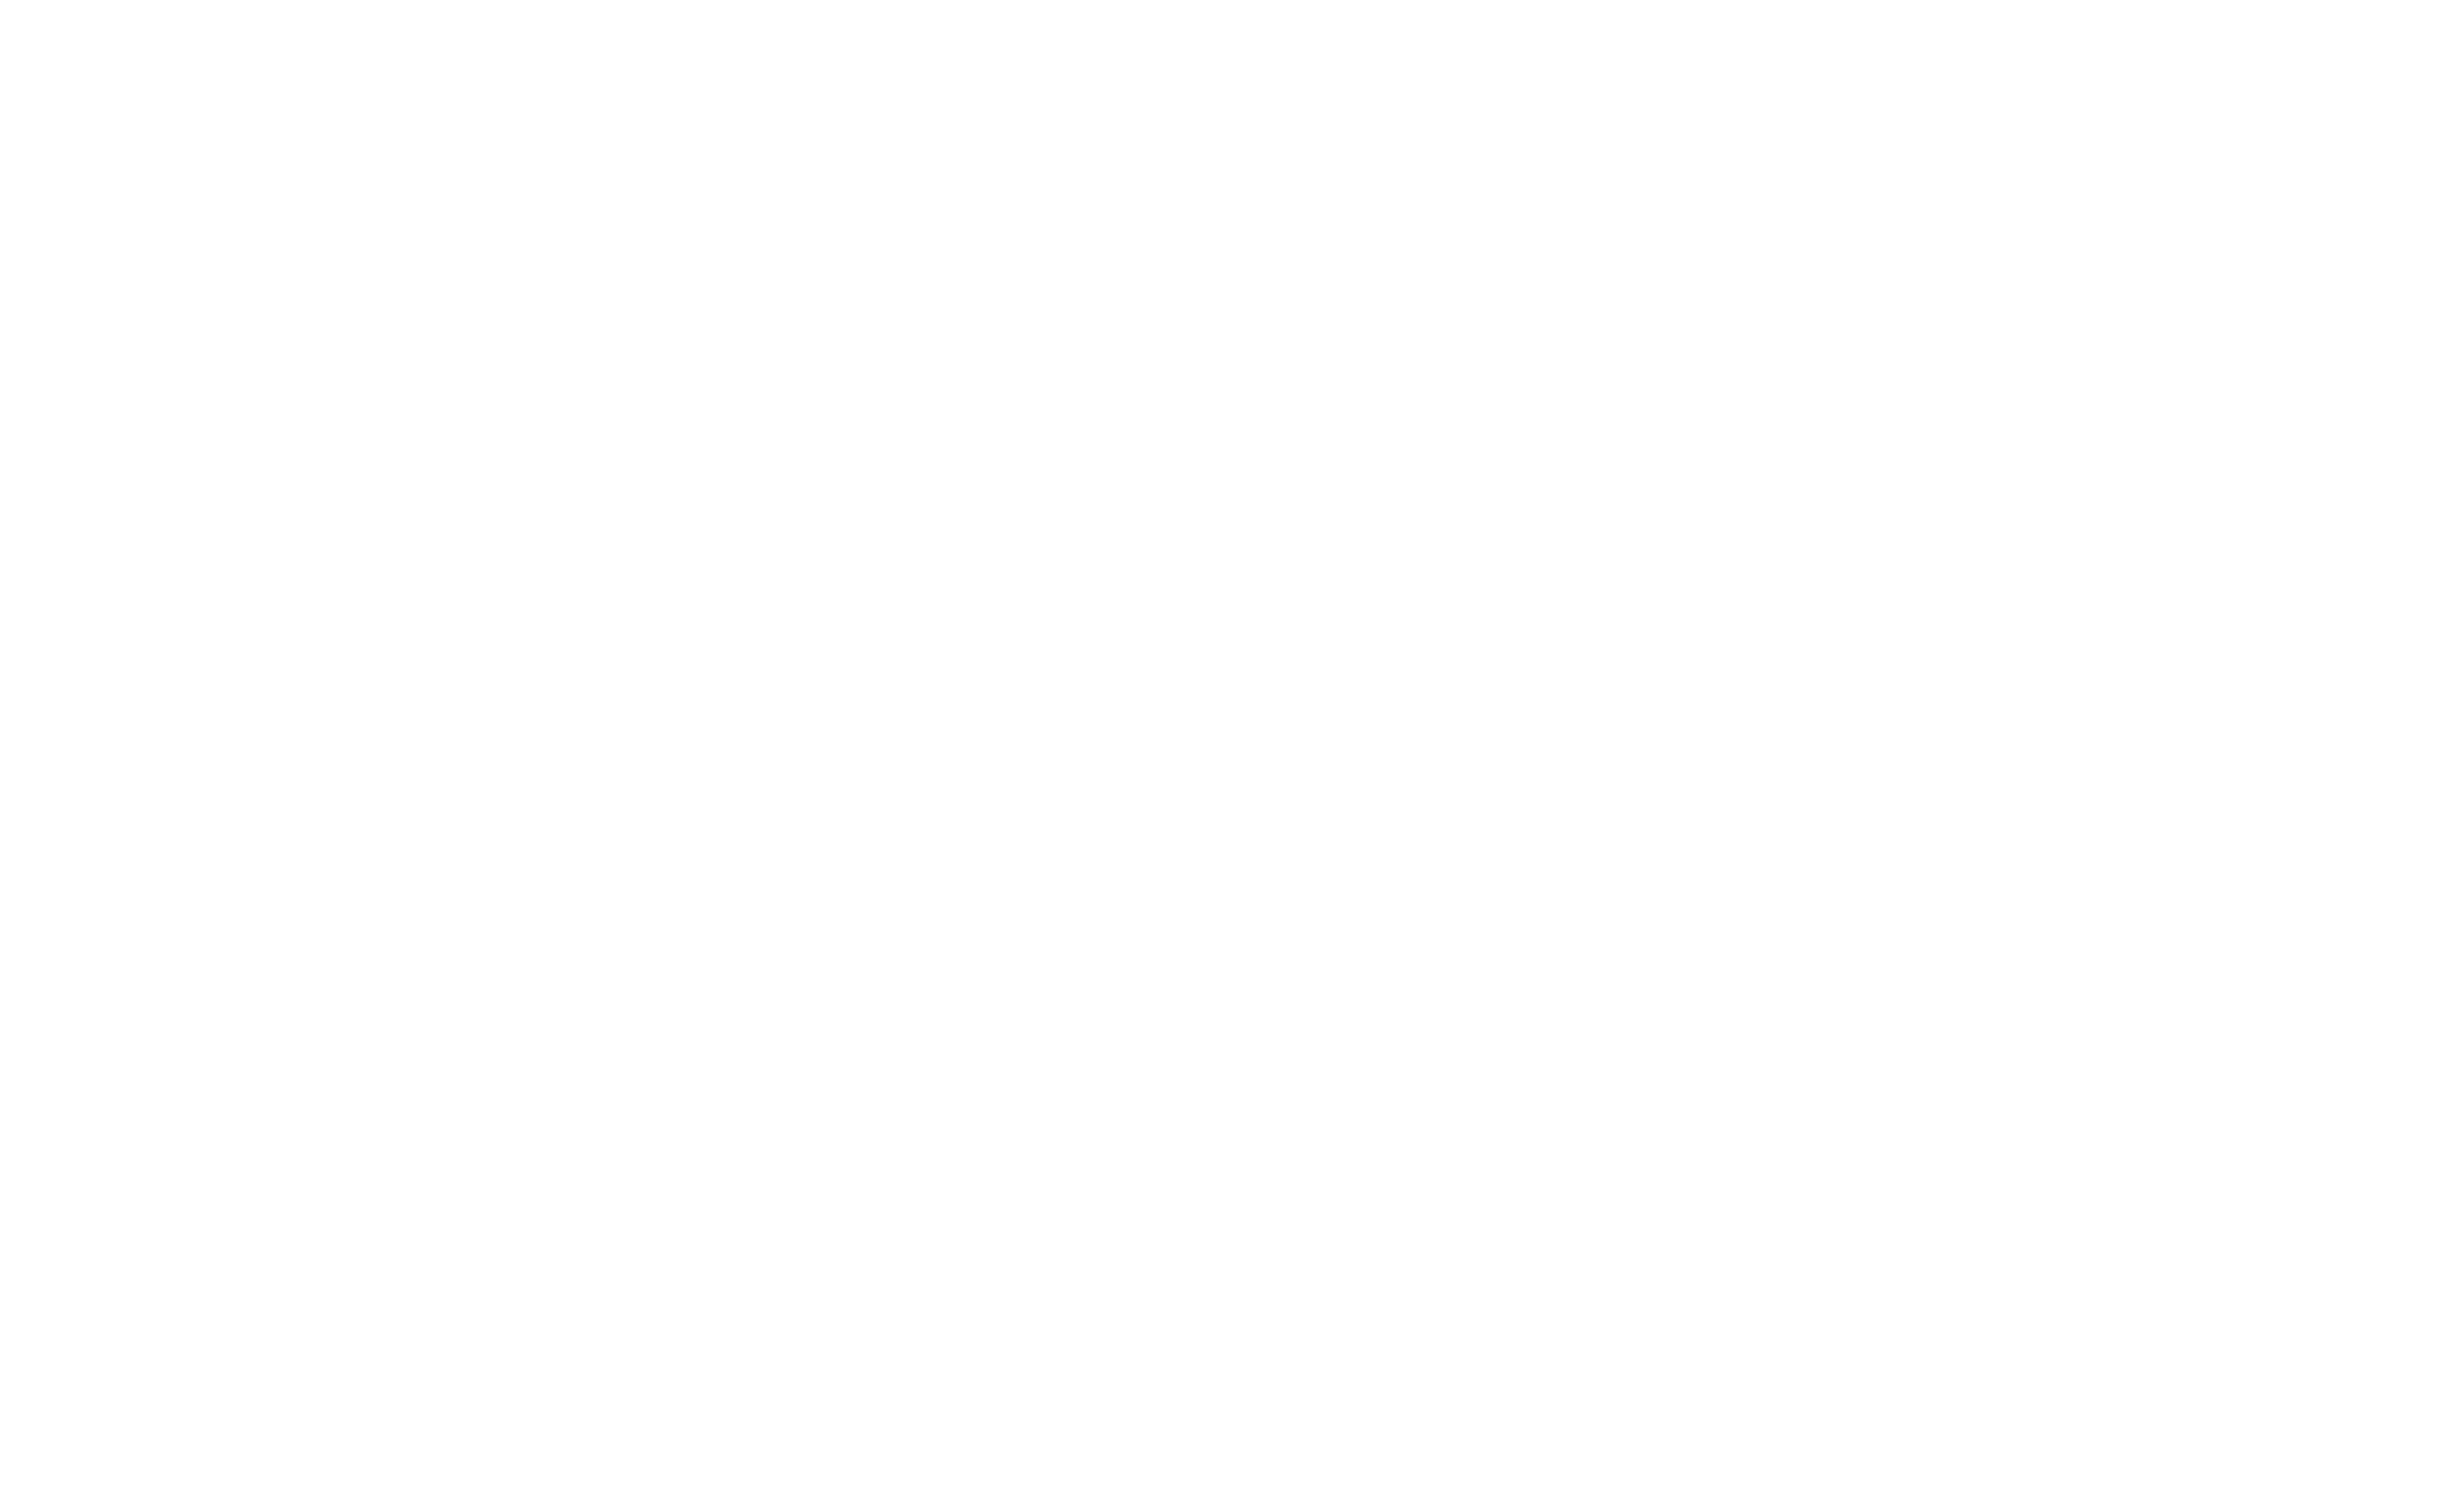 SLS Baha Mar